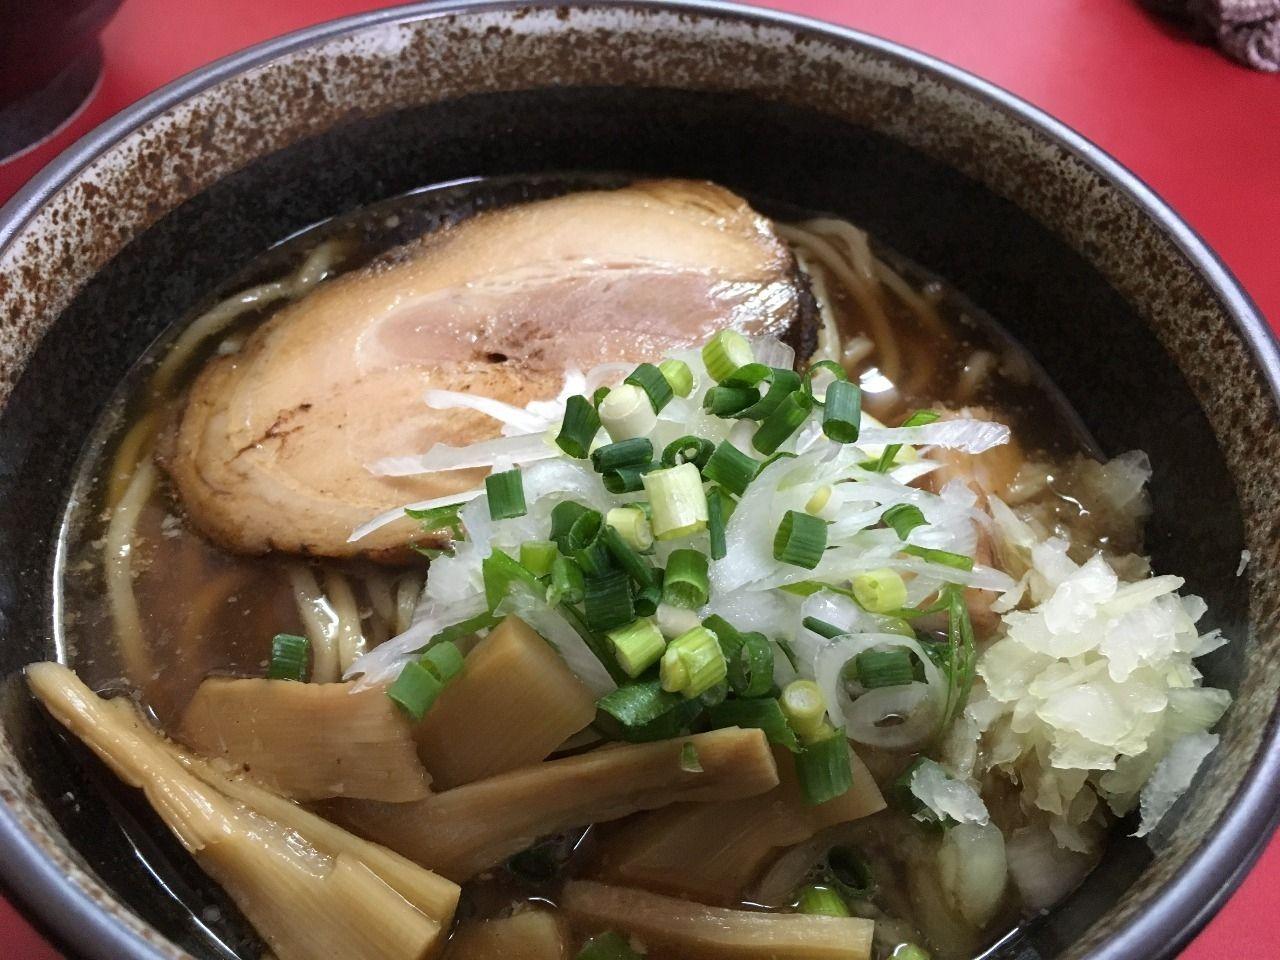 自家製麺 義匠 森田製麺所さんの昆布出汁魚介麺は動物性の脂を使用していないあっさりしたラーメンです!